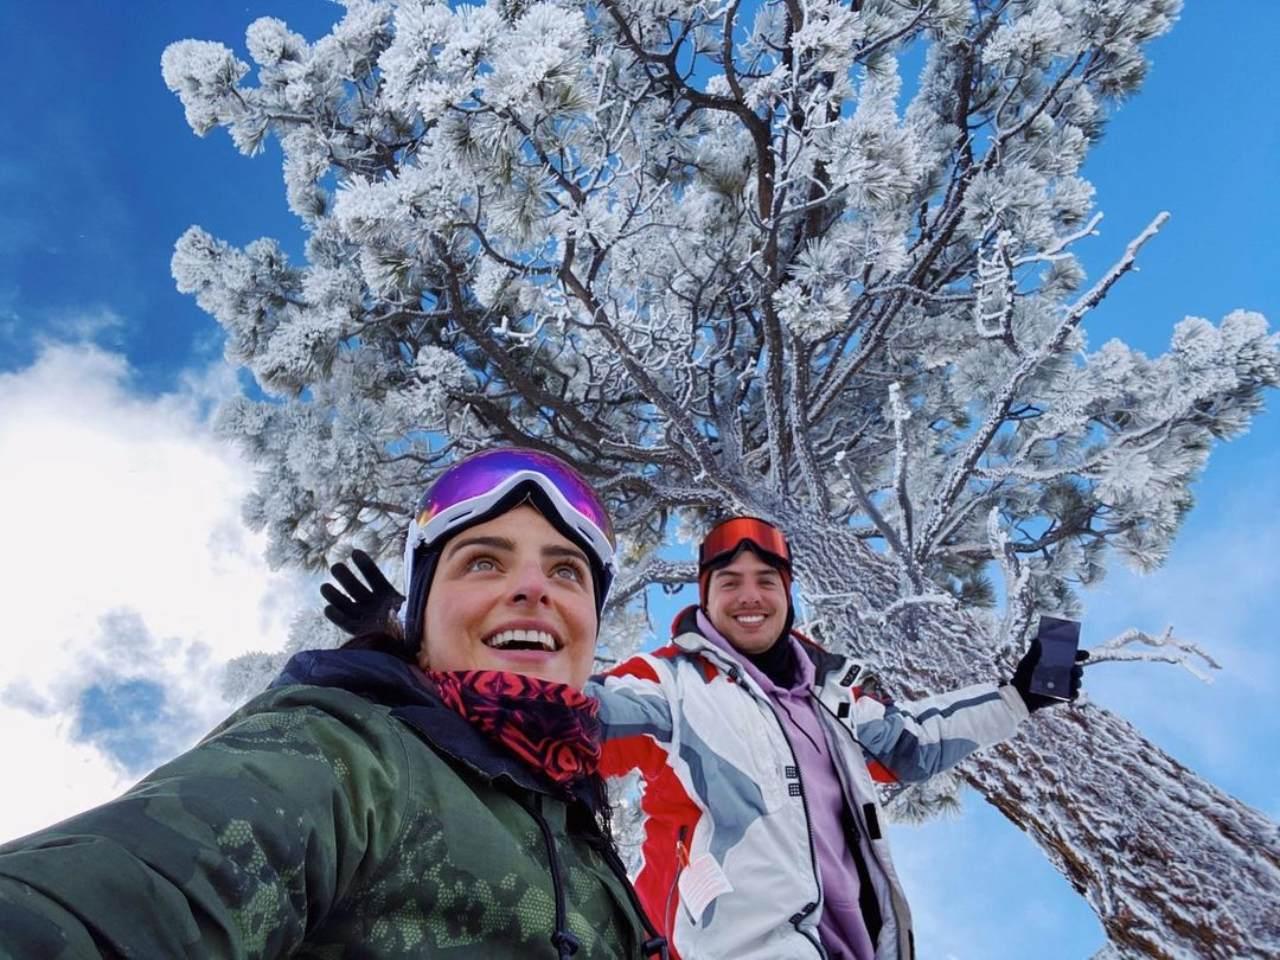 Aislinn y Vadhir en la nieve